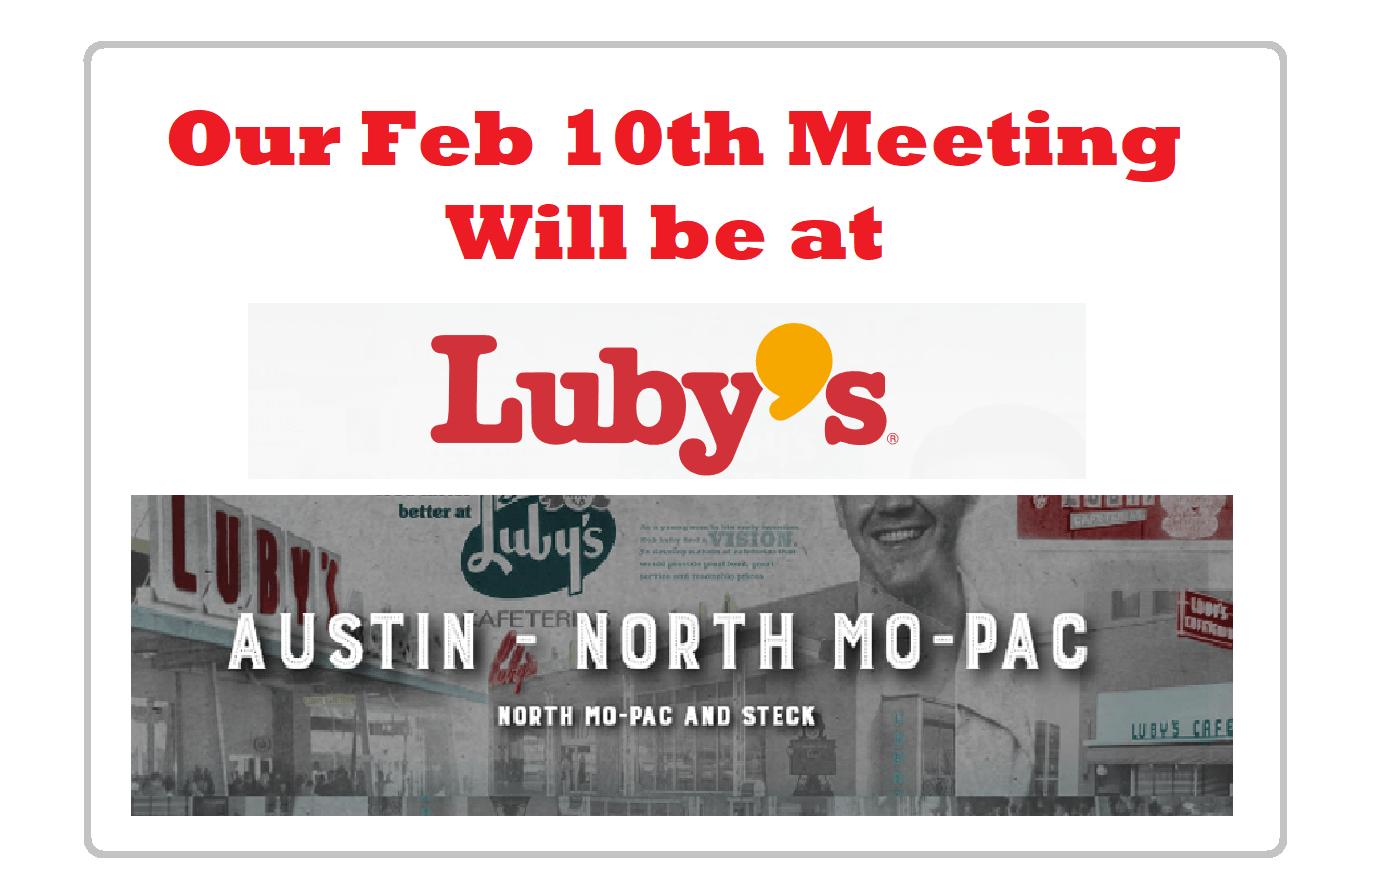 Next CRW Club Meeting is Feb 10th